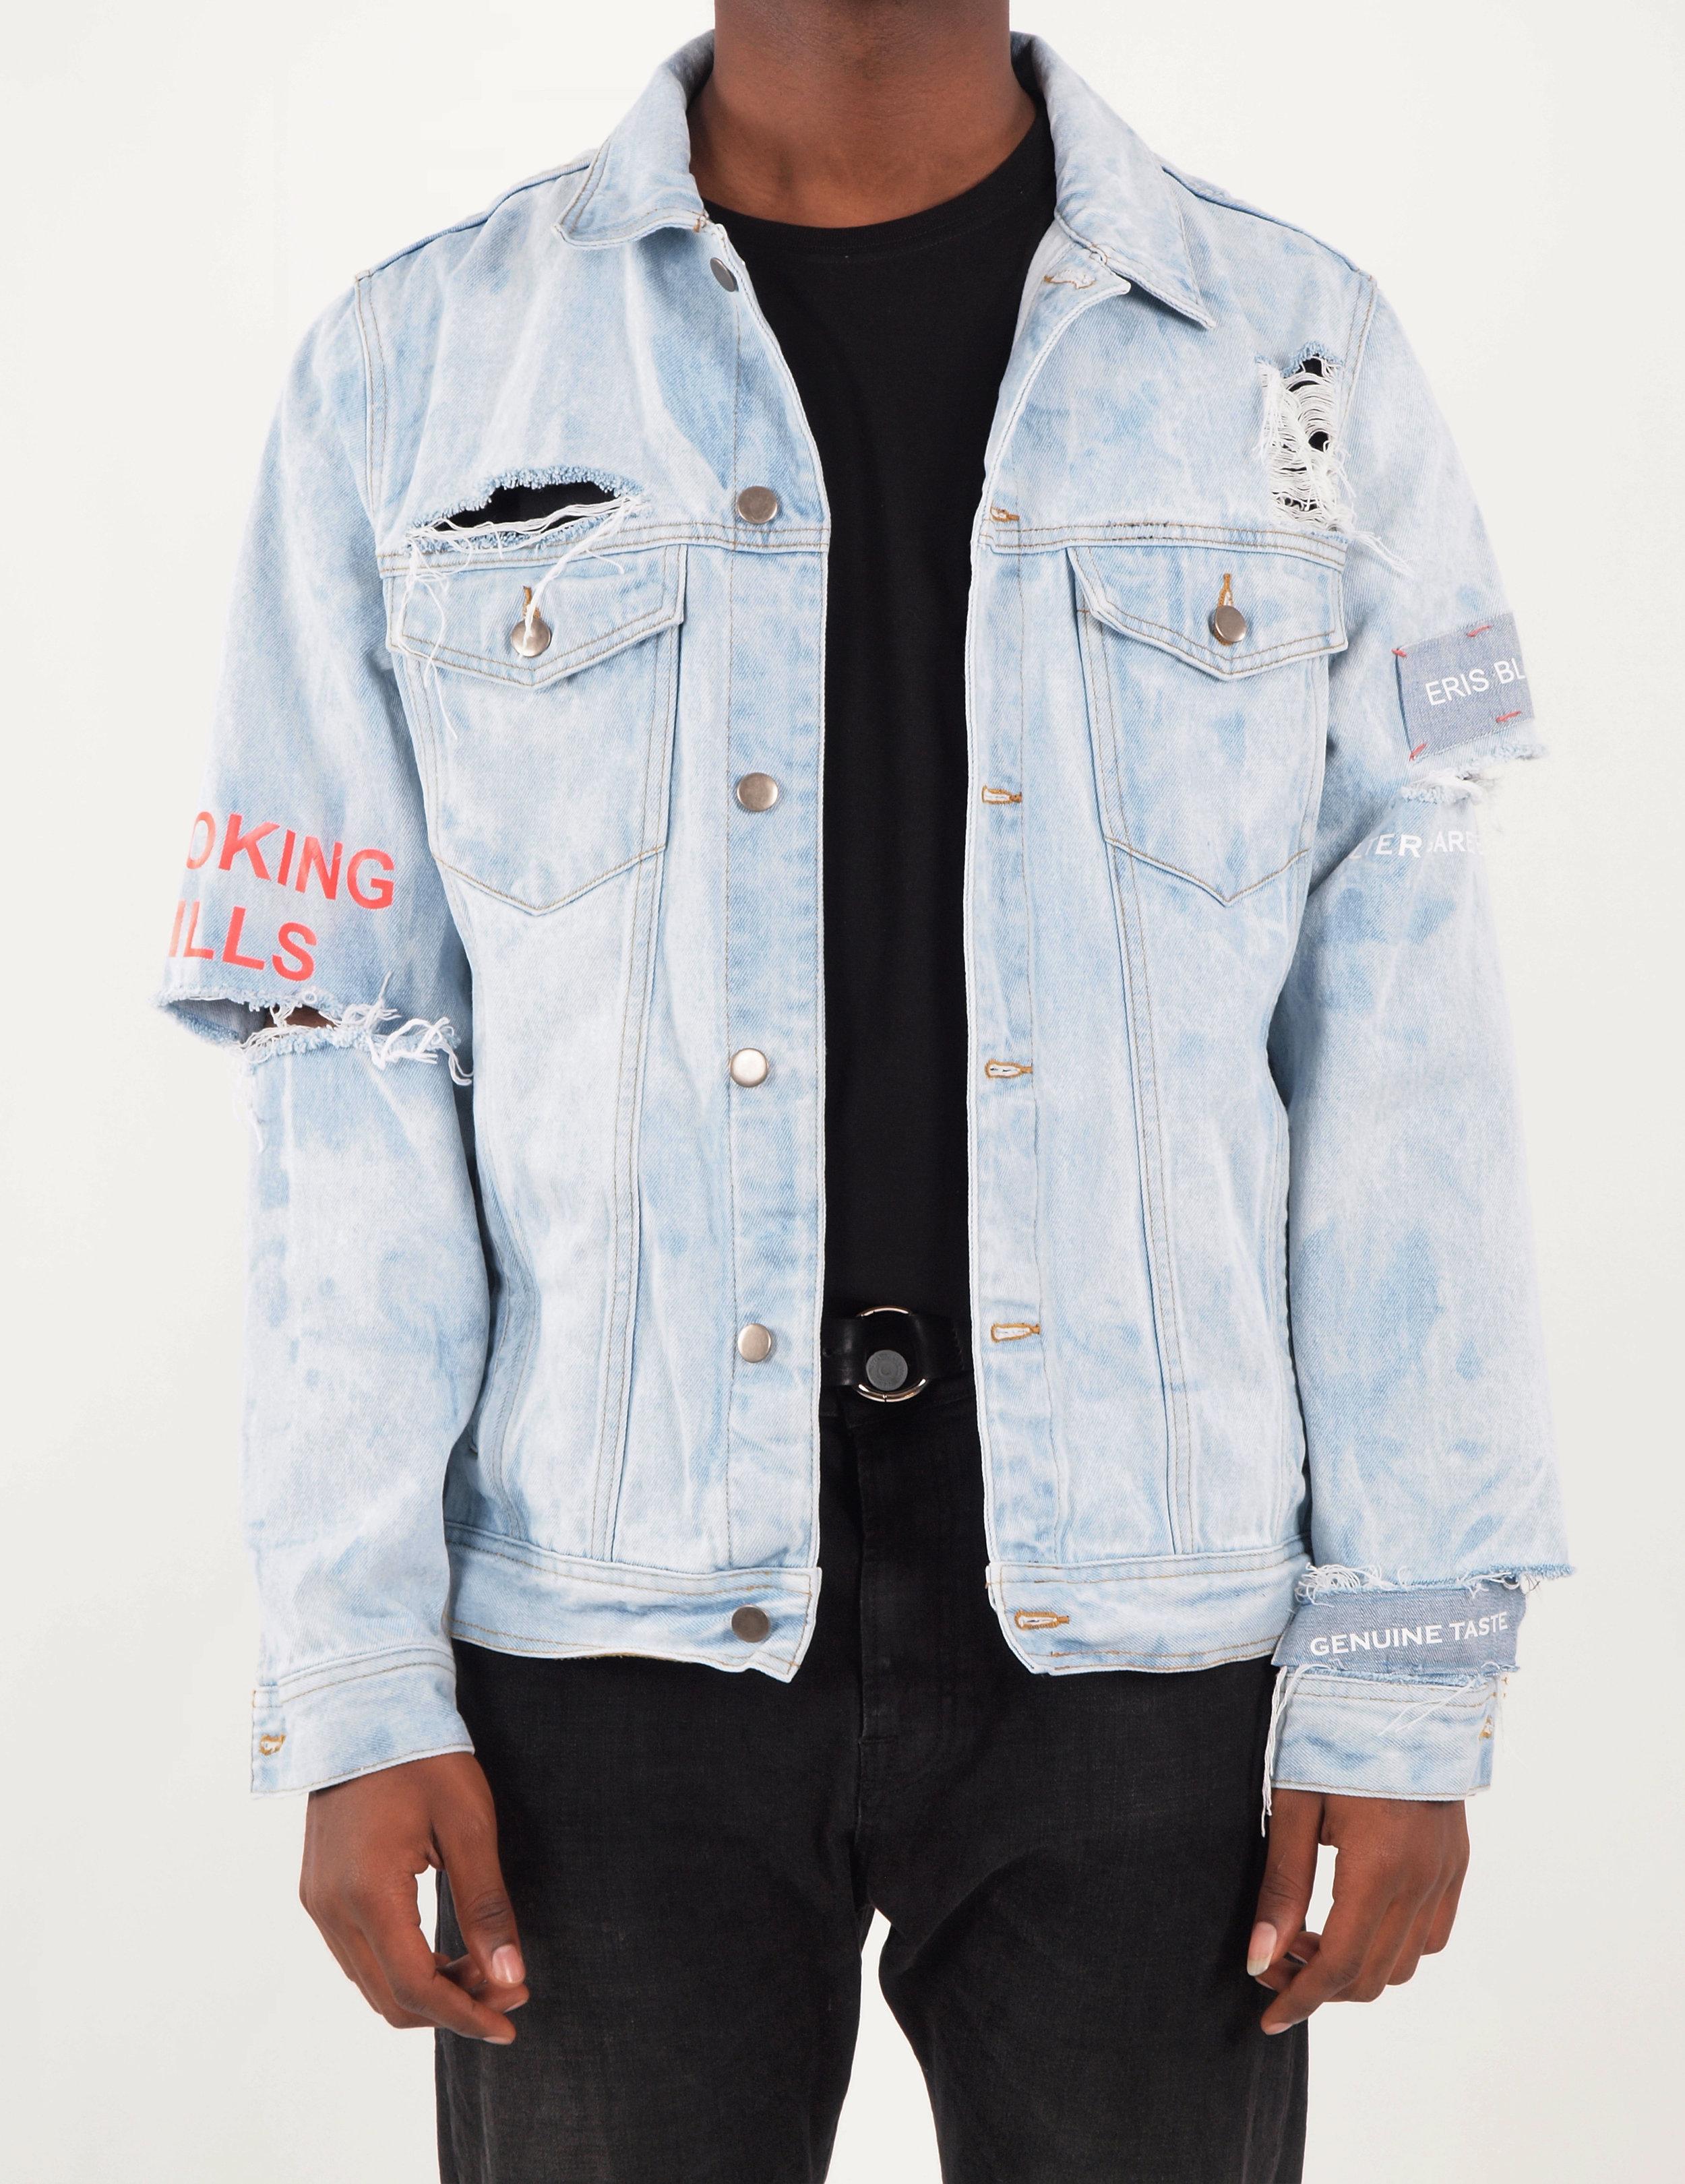 textured blue denim jacket.jpg